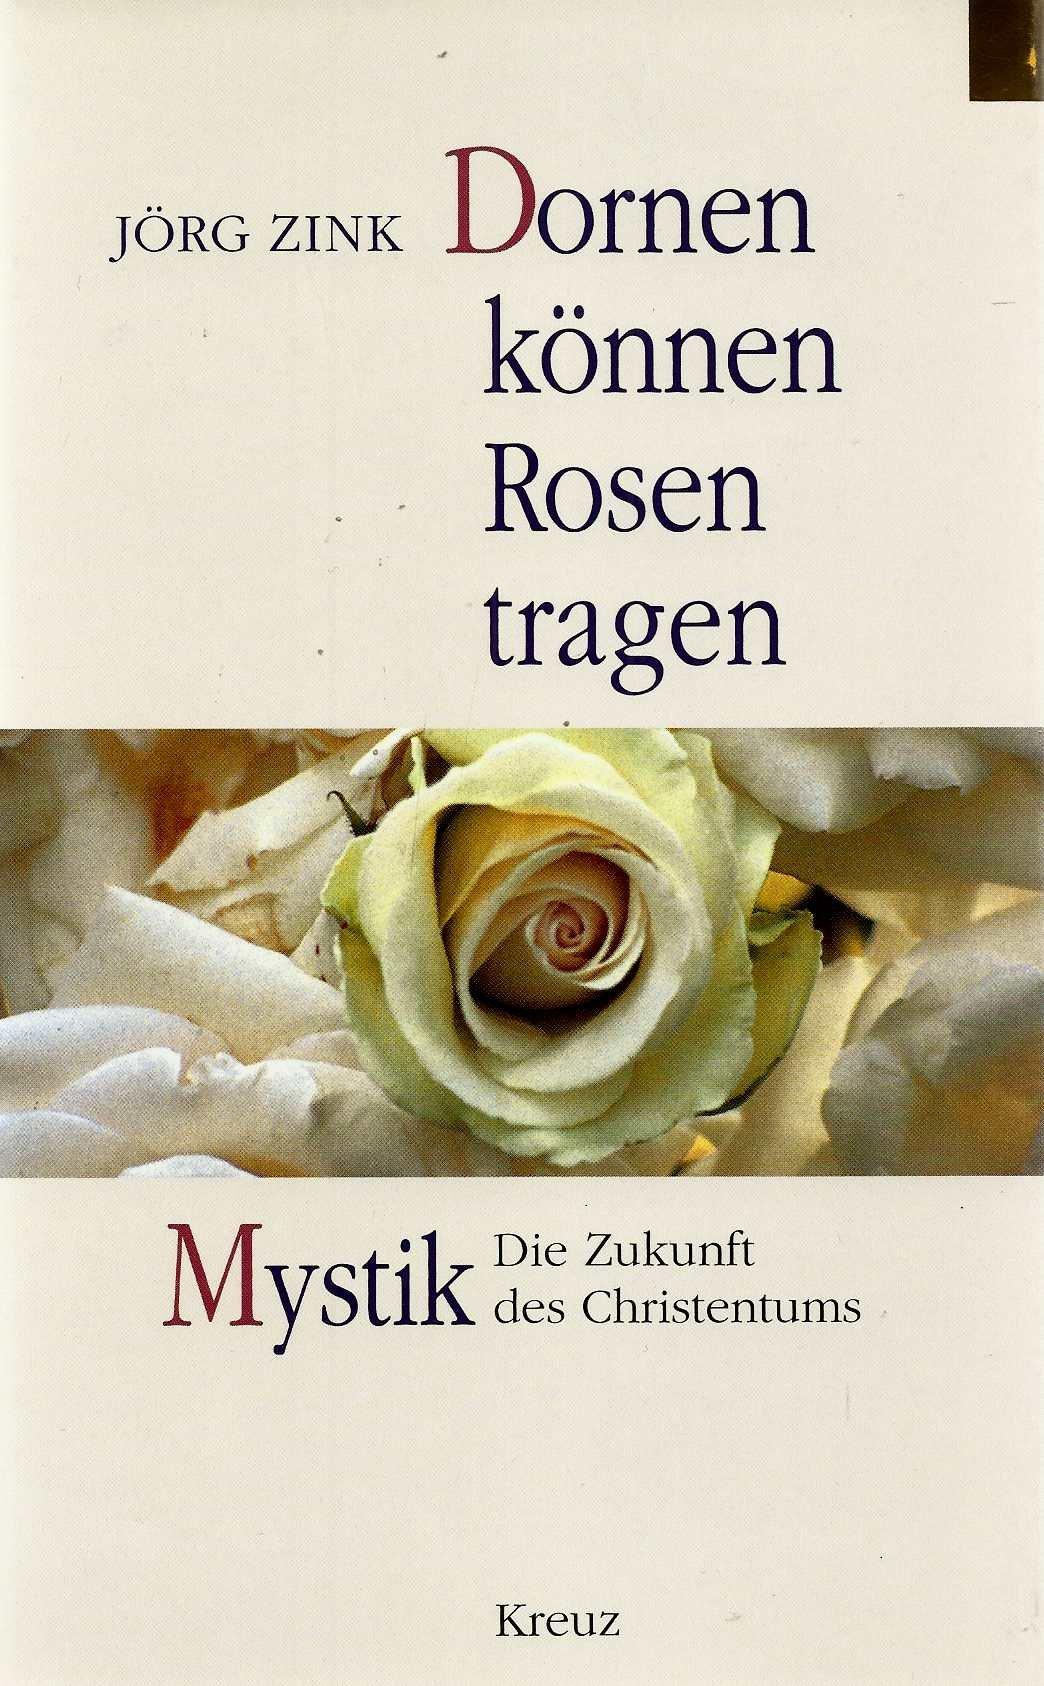 Dornen können Rosen tragen: Mystik. Die Zukunft des Christentums